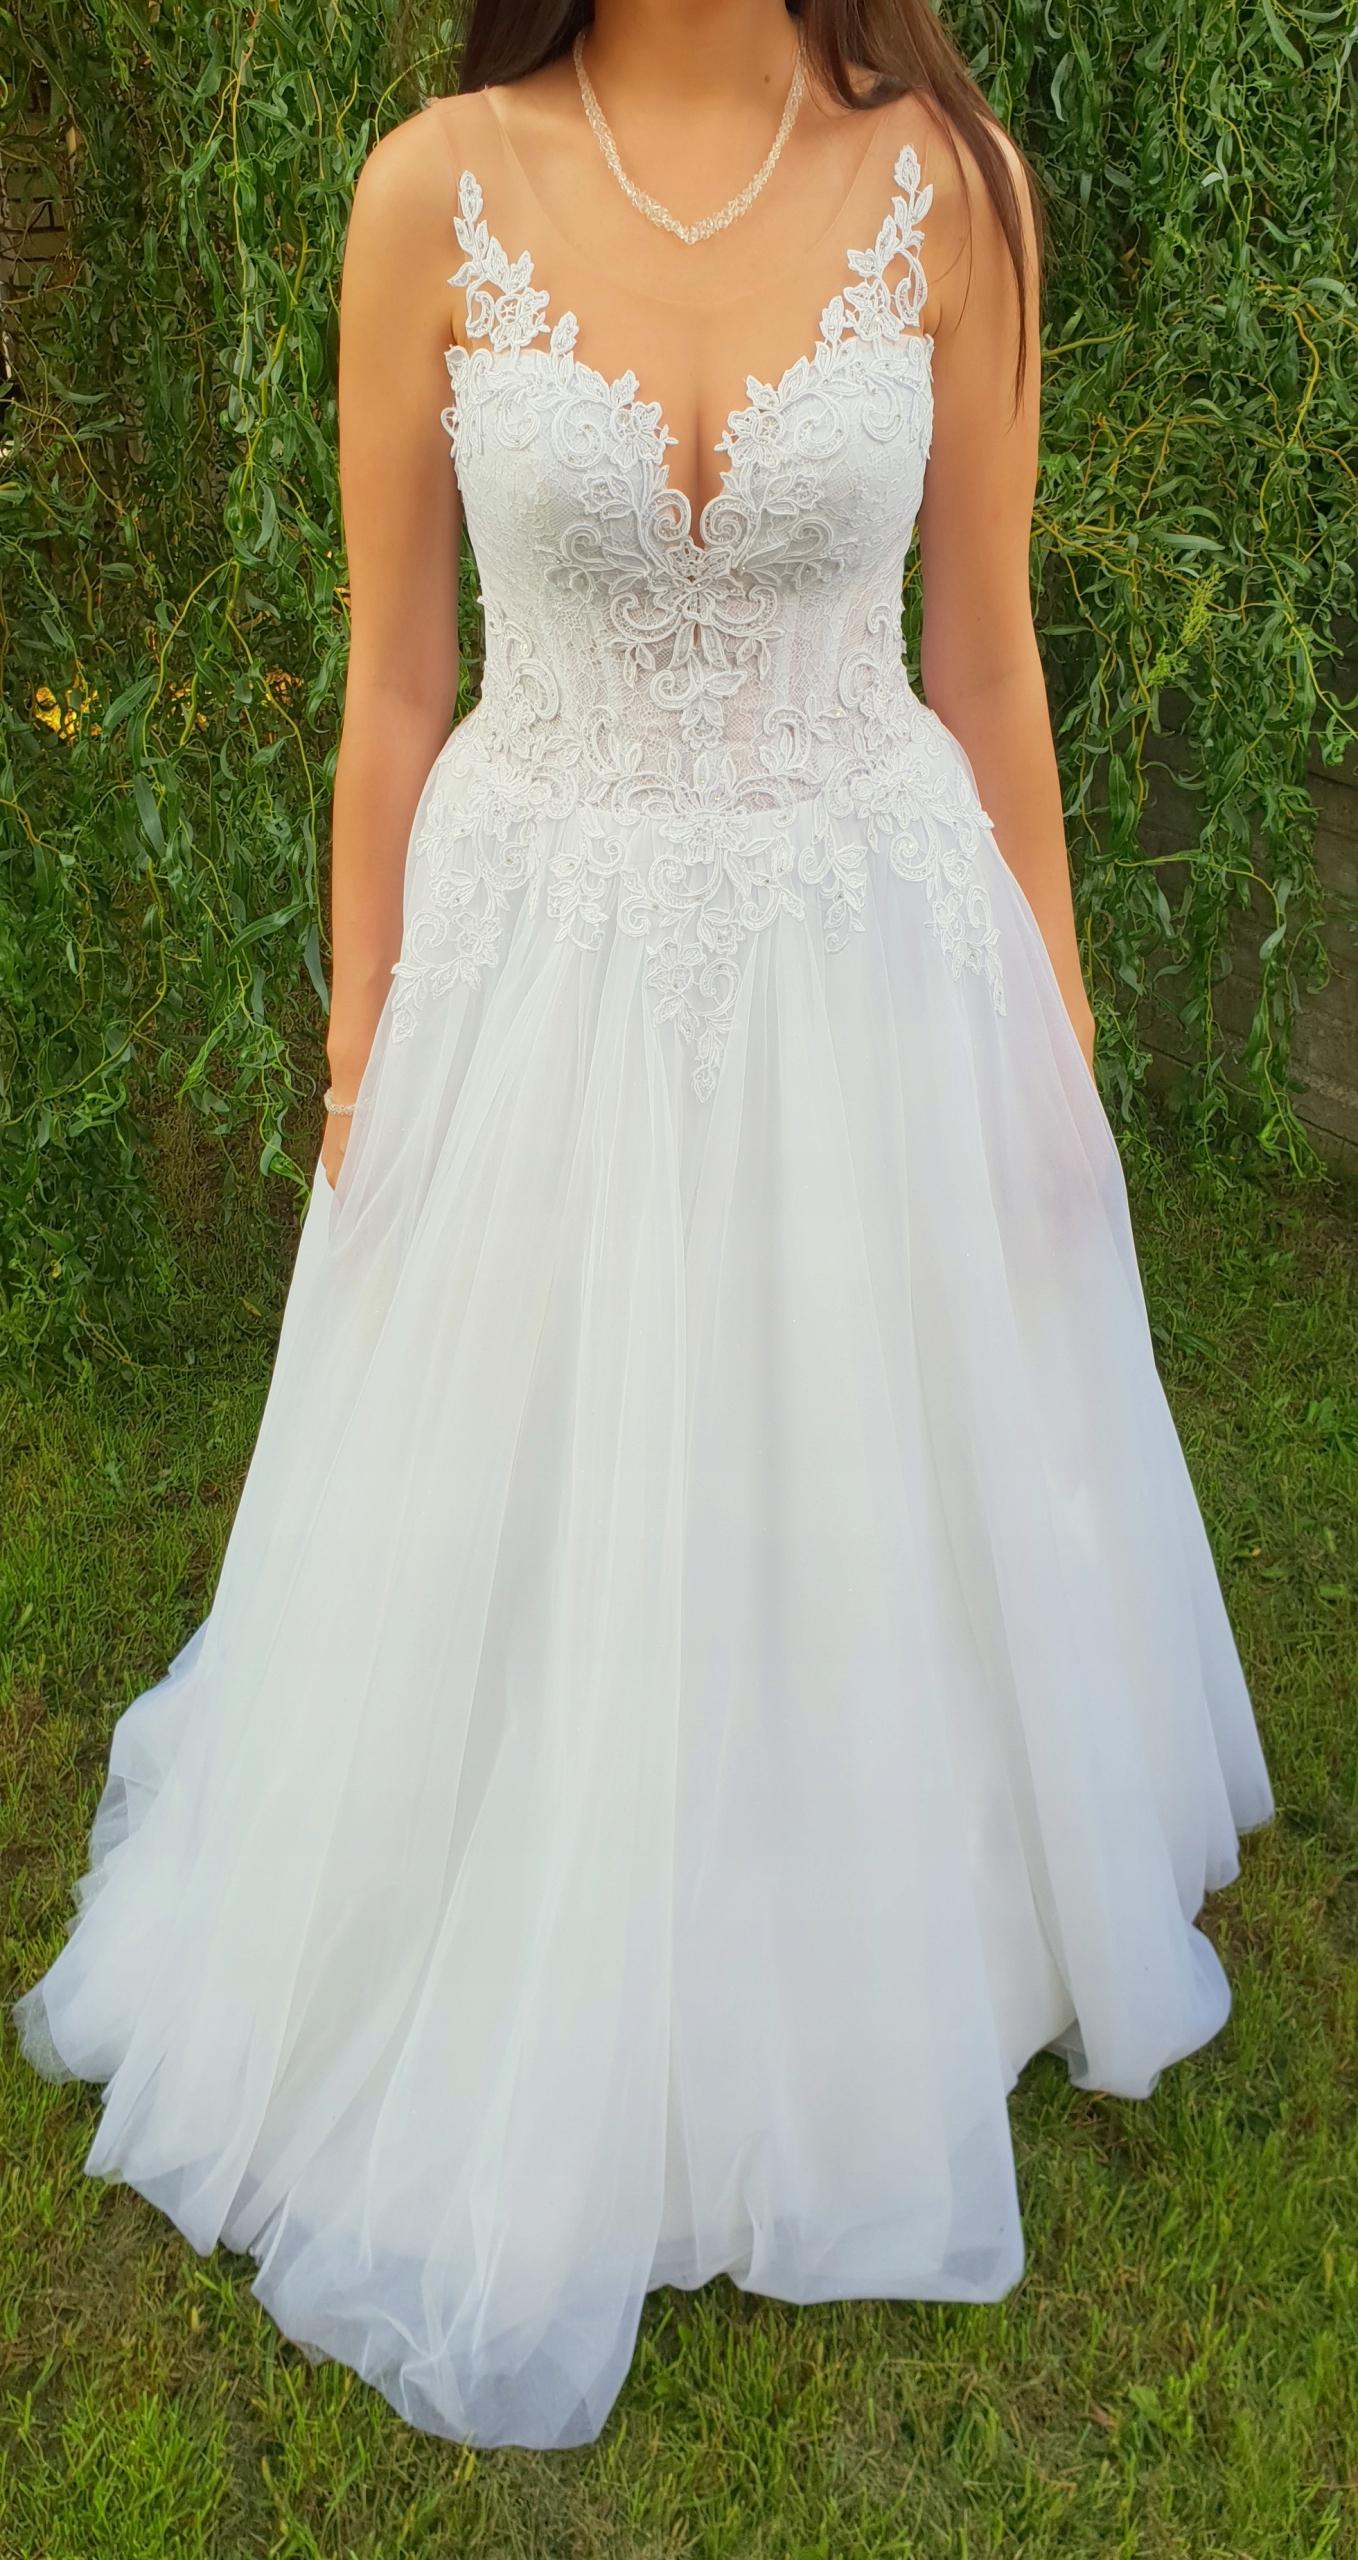 Unikalne Suknia ślubna kryształki Swarovski rozmiar 36/38 - 7676926847 UY73